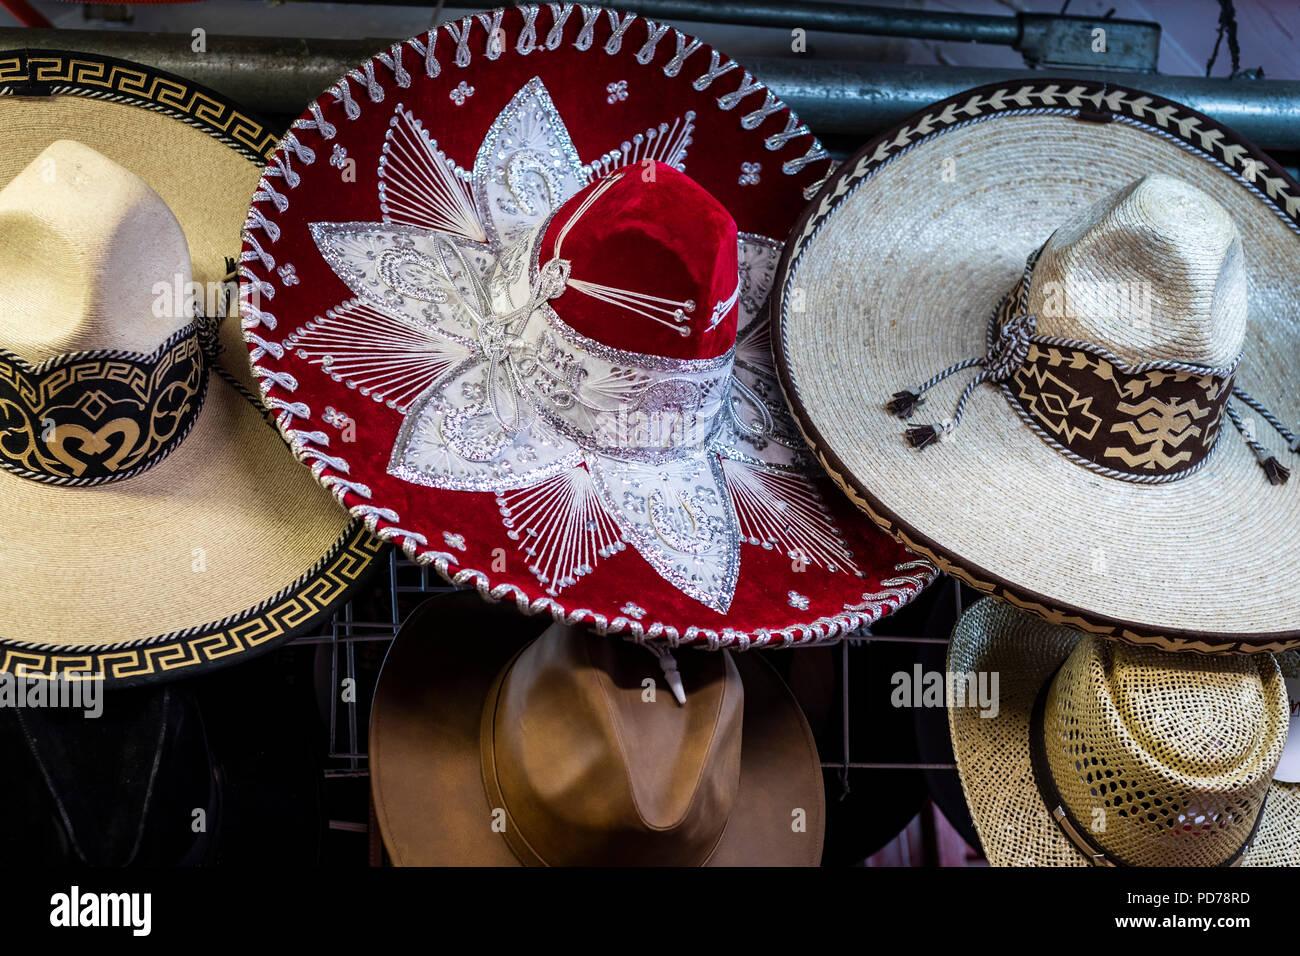 21b97bcb3e36b Sombreros Mexico Mexican Hats Imágenes De Stock   Sombreros Mexico ...